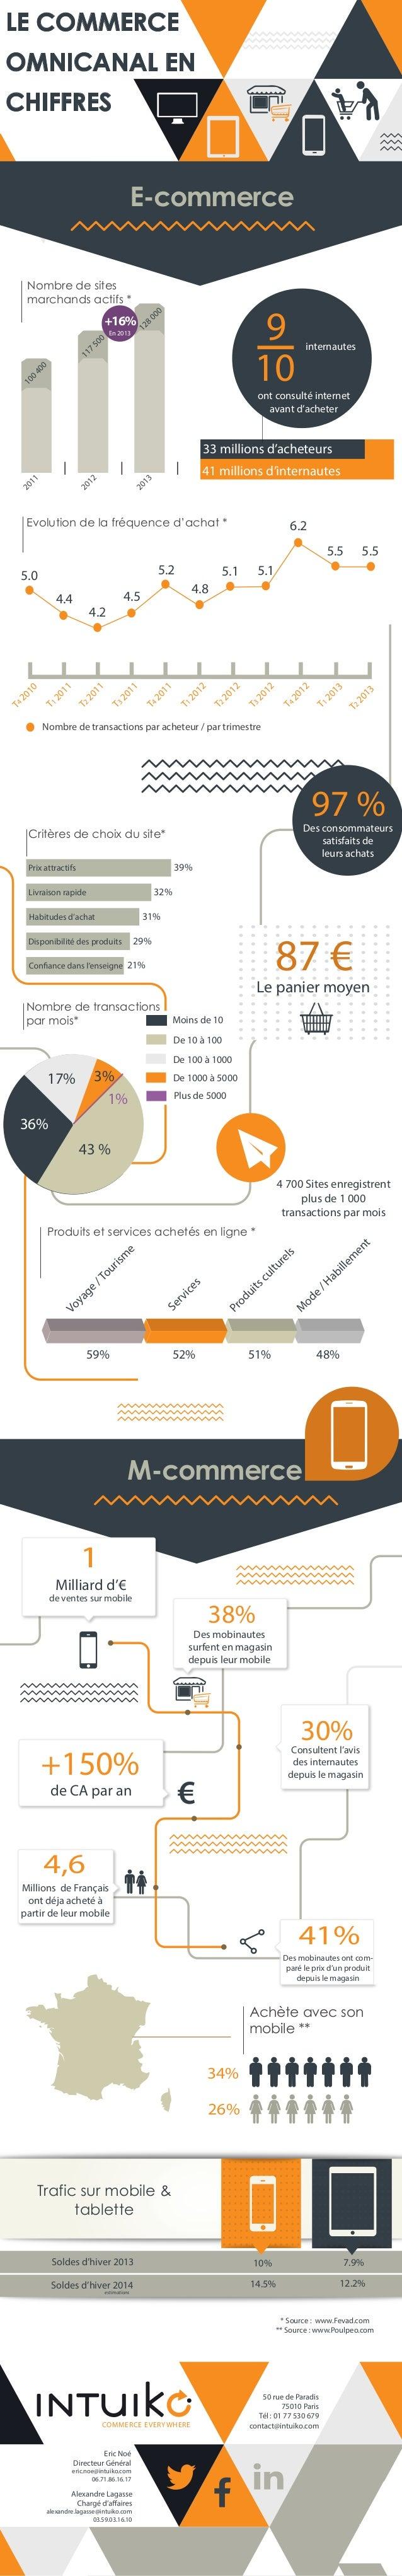 LE COMMERCE OMNICANAL EN CHIFFRES  E-commerce Nombre de sites marchands actifs * 00 0  9 10  12 8  +16%  10 0  40 0  11 7 ...